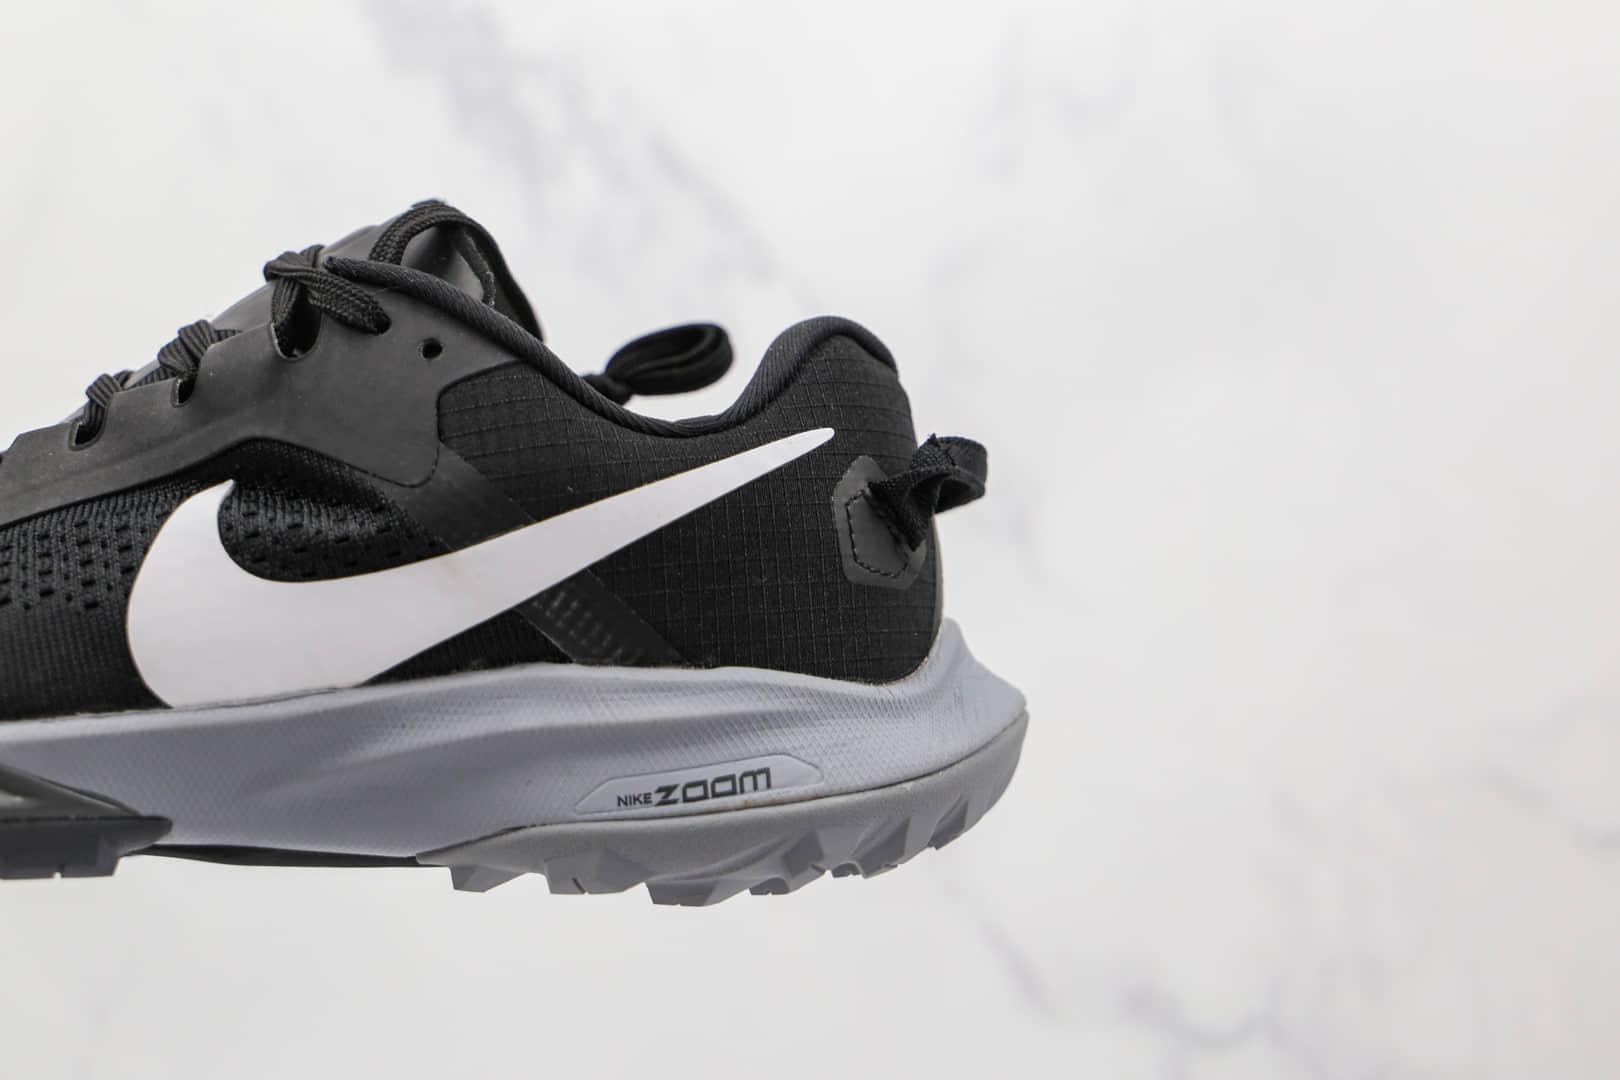 耐克Nike Air Zoom Terra Kiger 6纯原版本征服荒野系列飞马6代黑白色慢跑鞋原盒原标 货号:CJ0219-001